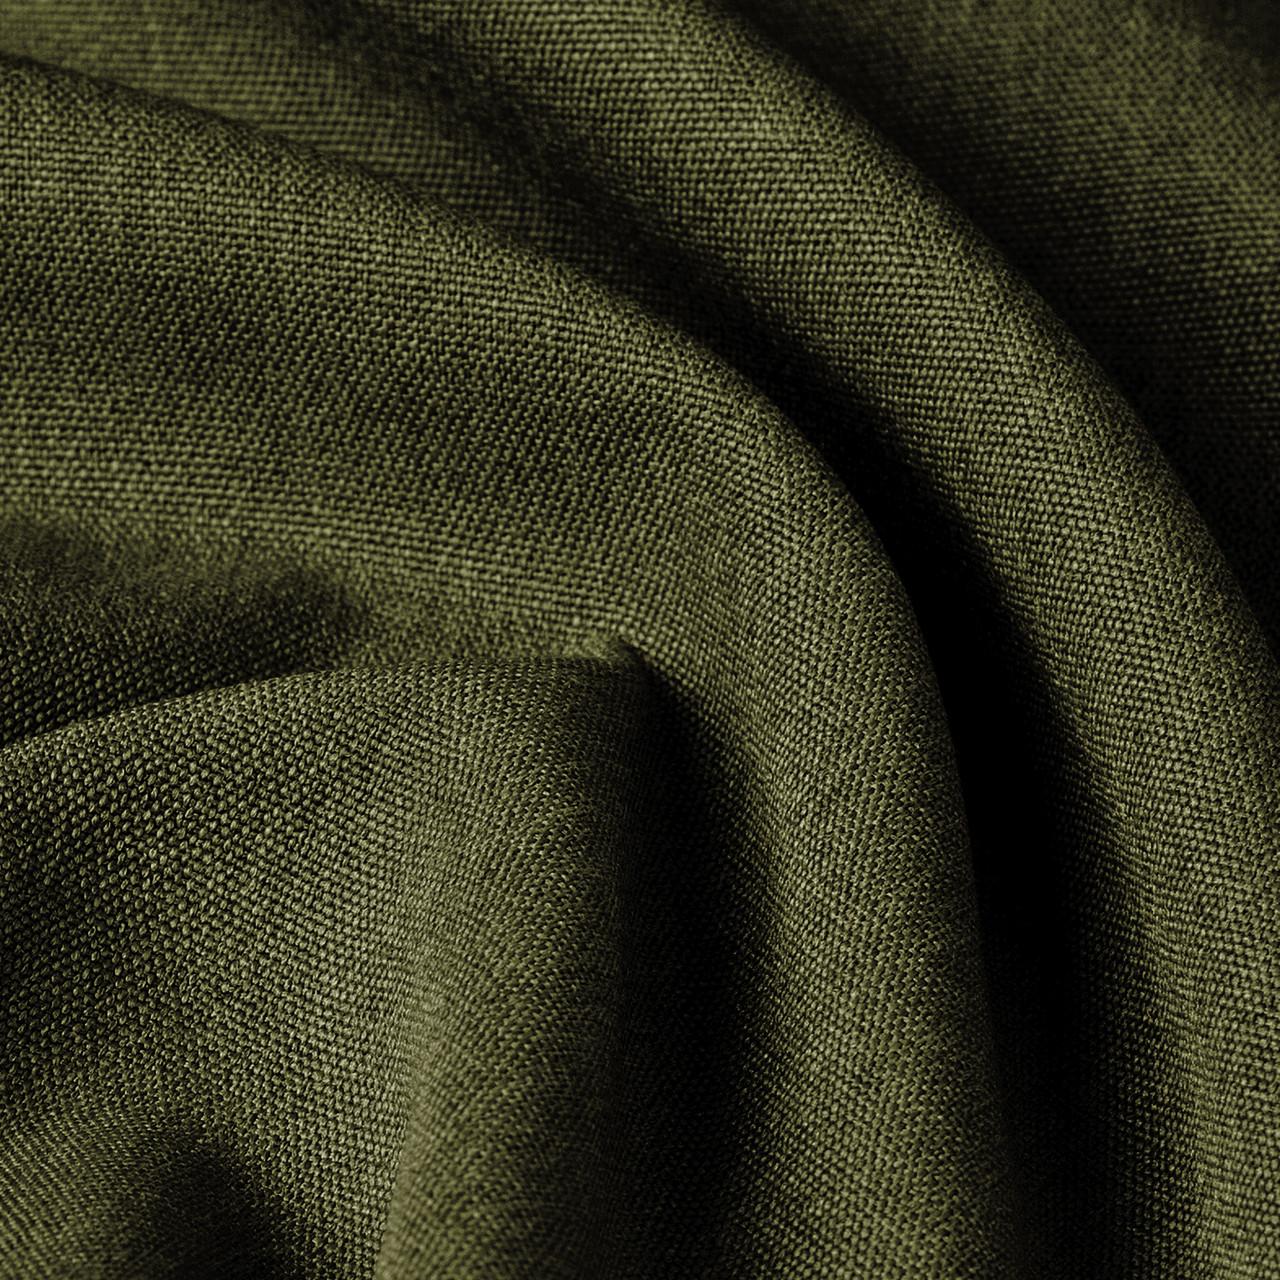 Блэкаут фактурный оливкового цвета 300см 85755v14